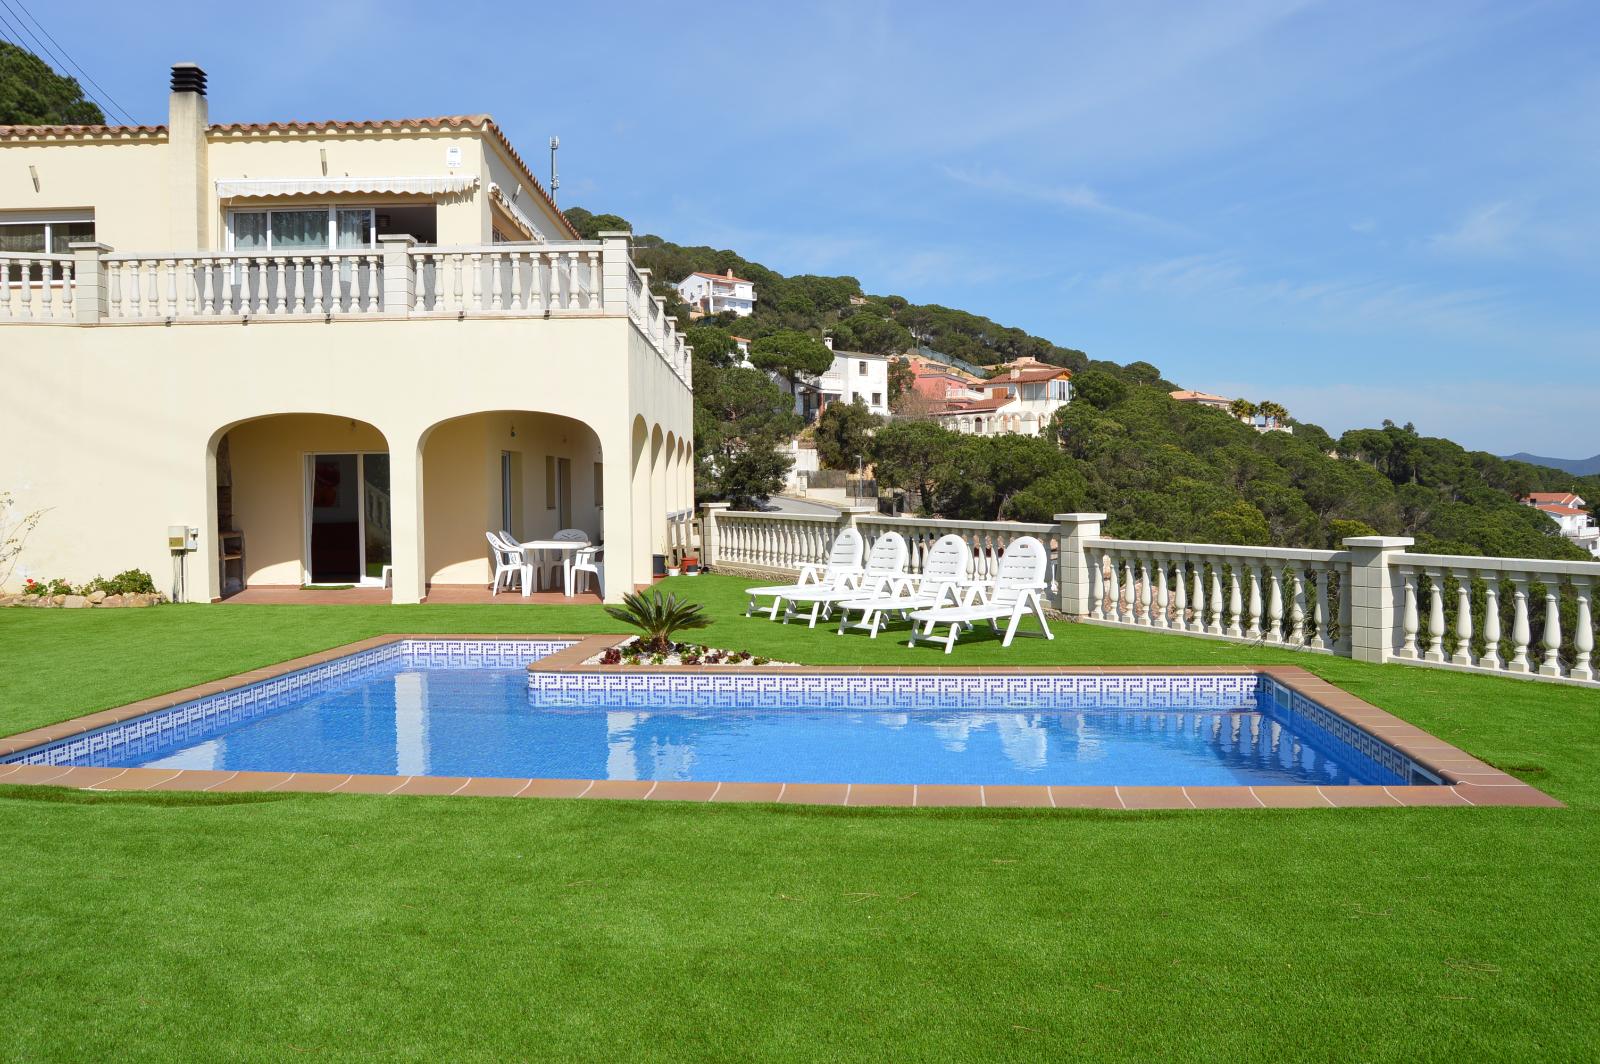 Вилла Santa Flora1.971 евро/недВилла с частным бассейном, г Lloret de Mar, 2 спальни, 6 спальных мест.Дизайнерский ремонтПляж 3 км